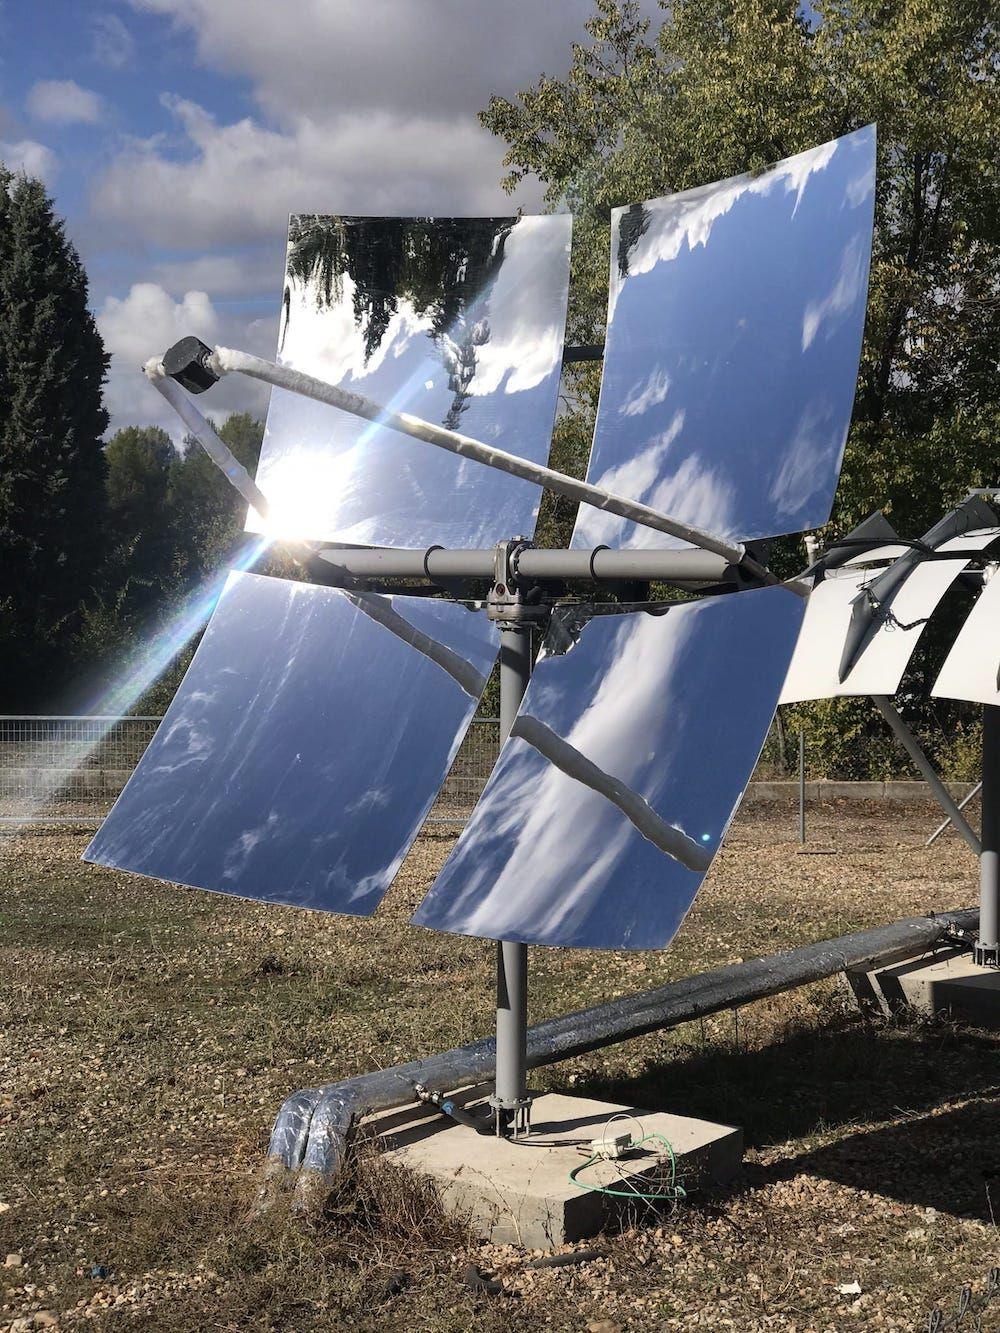 Tct Red La Solución Más Eficiente E Innovadora Del Mercado Para Aprovechar El Calor Del Sol Energía Solar Energía Térmica Energía Renovable